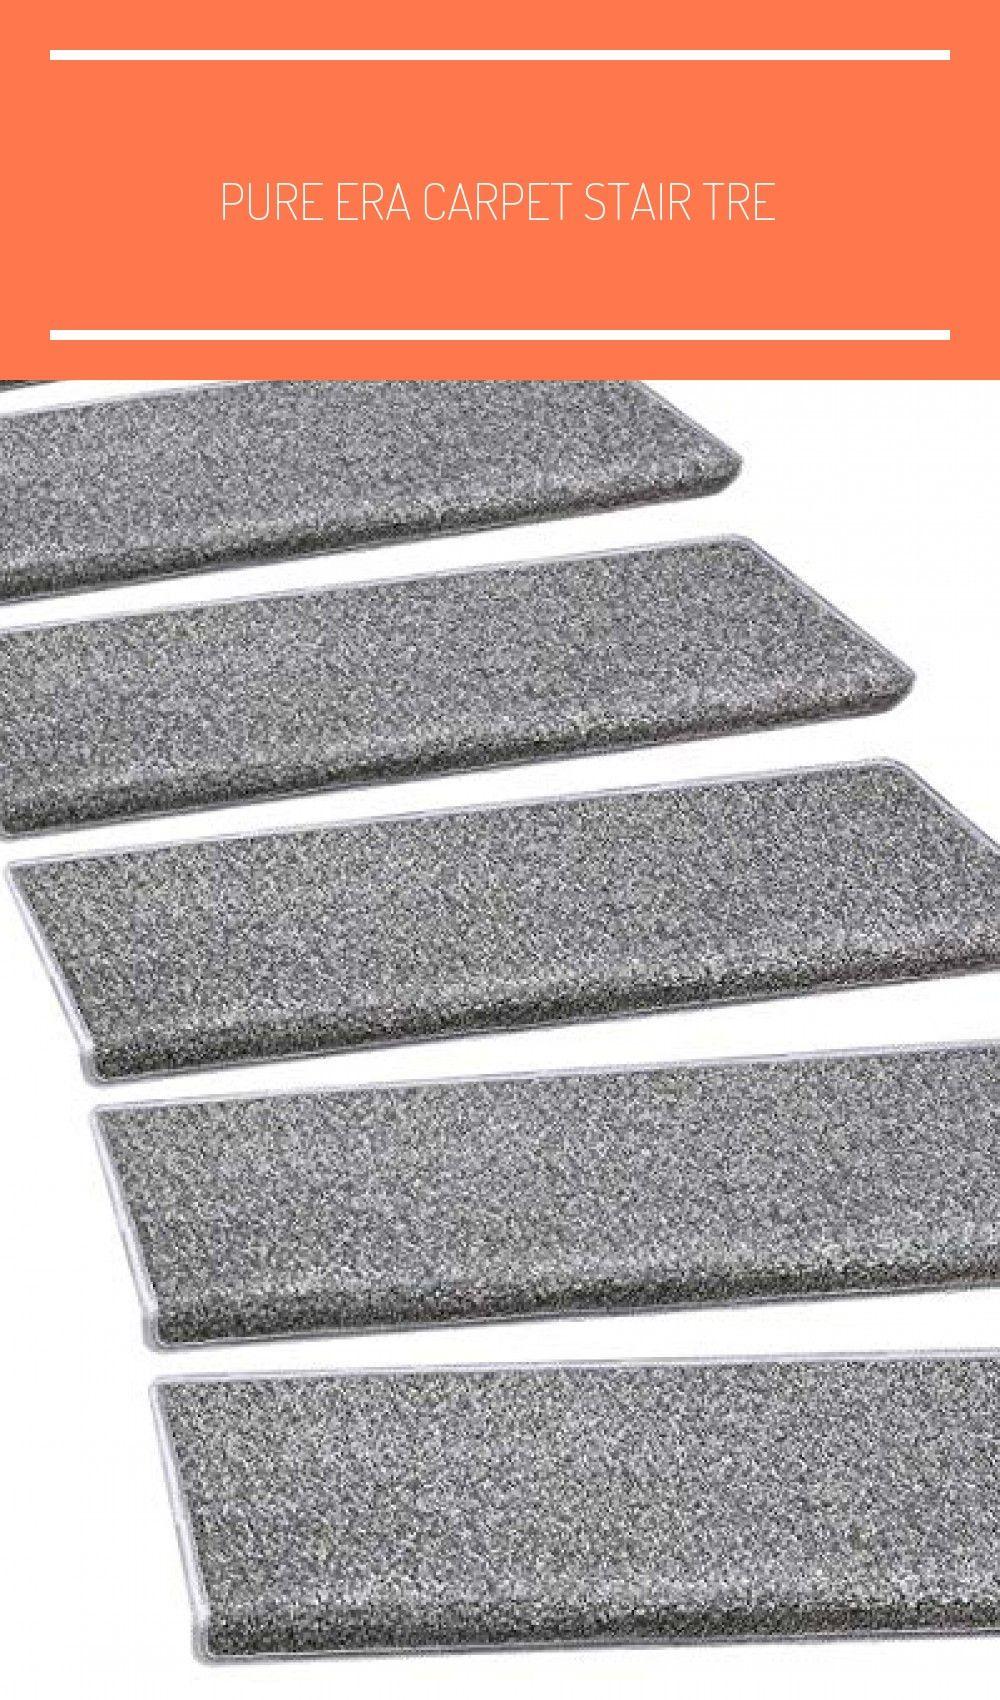 Best Pure Era Carpet Stair Tre Em 2020 Com Imagens Carpete 640 x 480